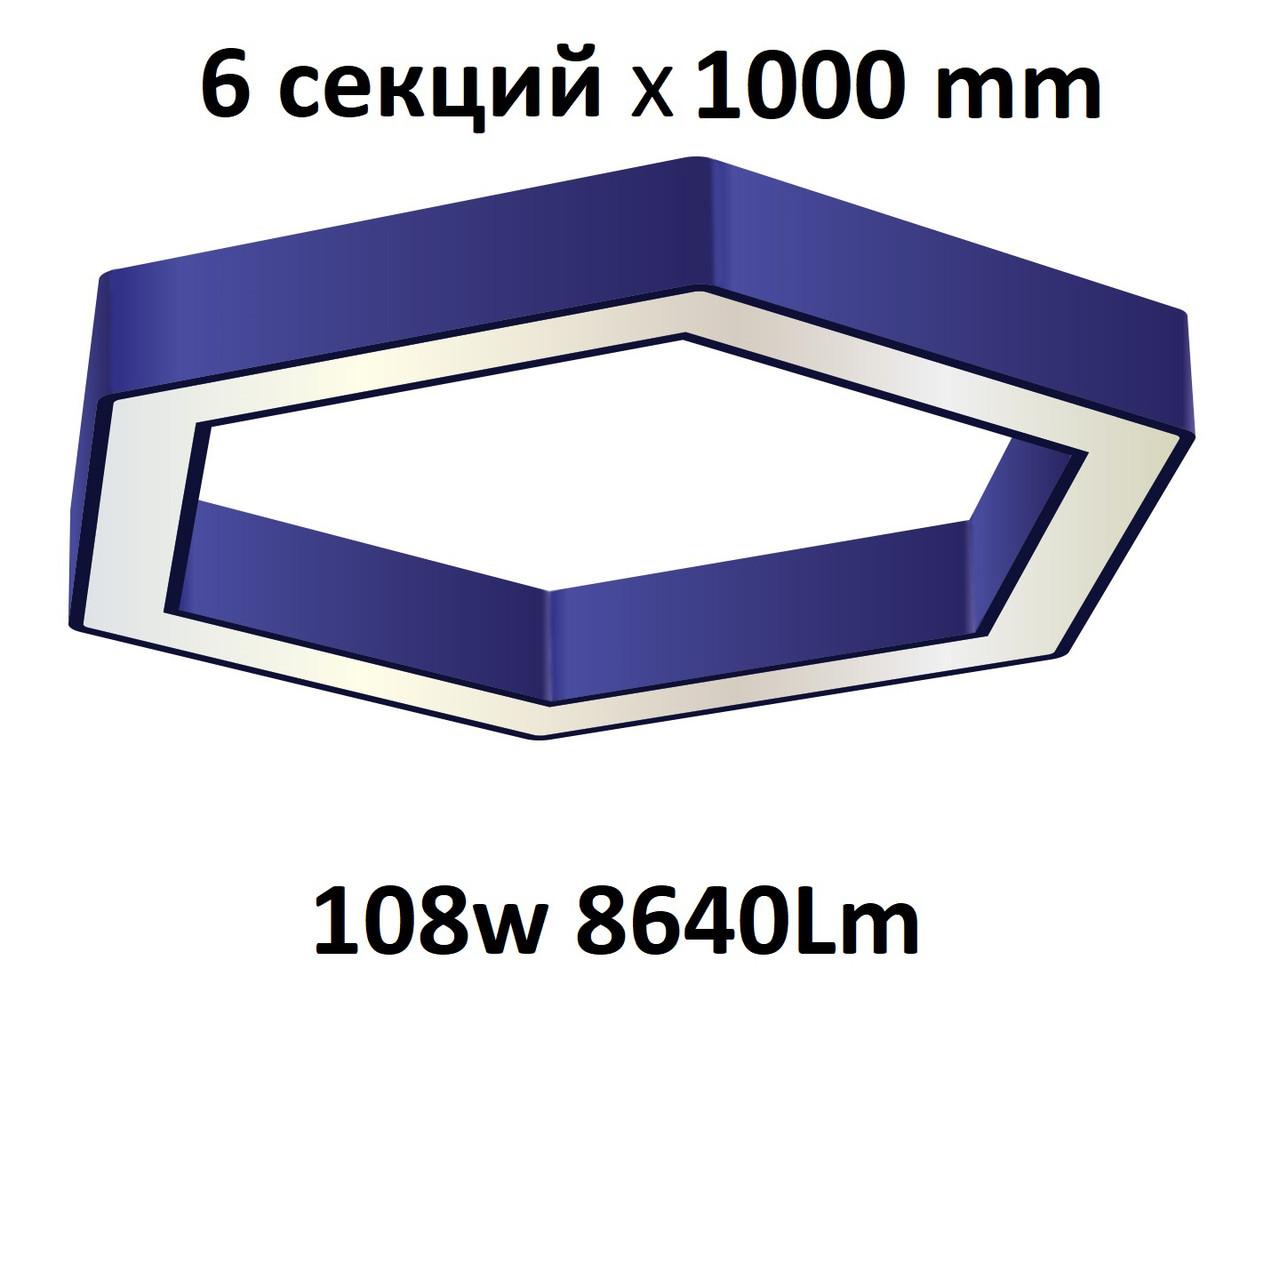 """Turman """"Гексагон 1000"""" 108W 8640Lm фигурный светодиодный светильник"""